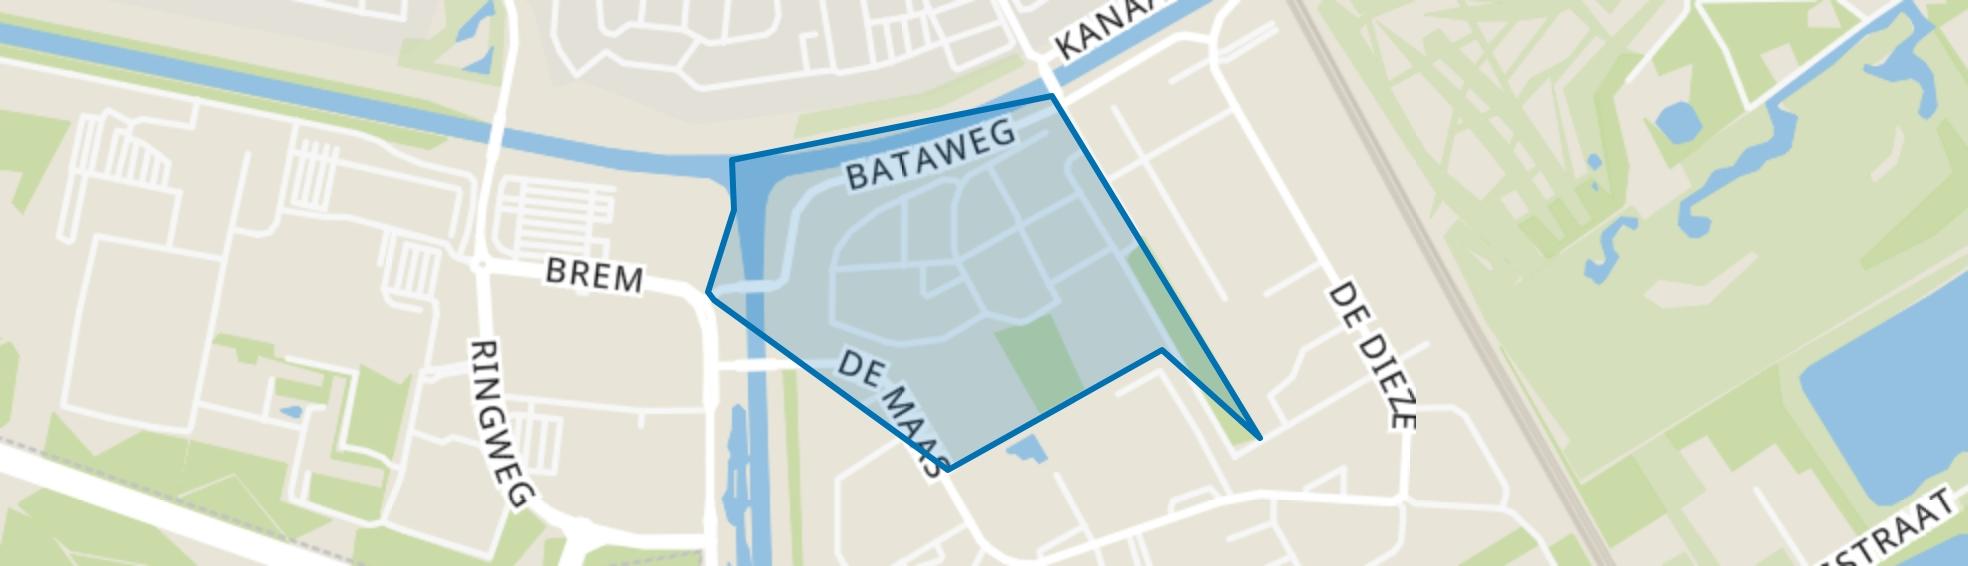 Batadorp, Best map